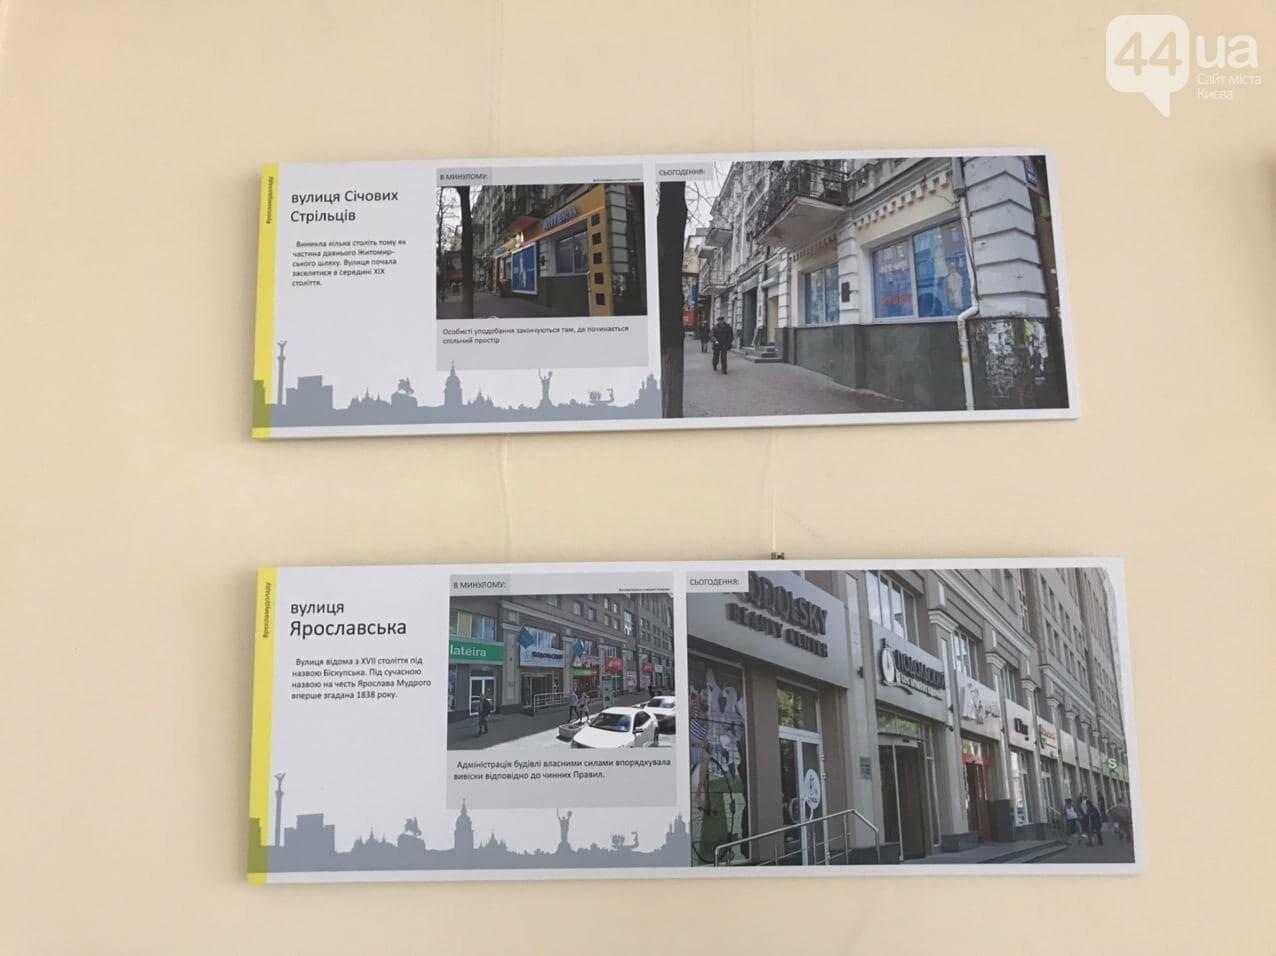 Киев в билбордах и вывесках: почему столица утопает в хаотичной рекламе и как этому помешать, фото-6